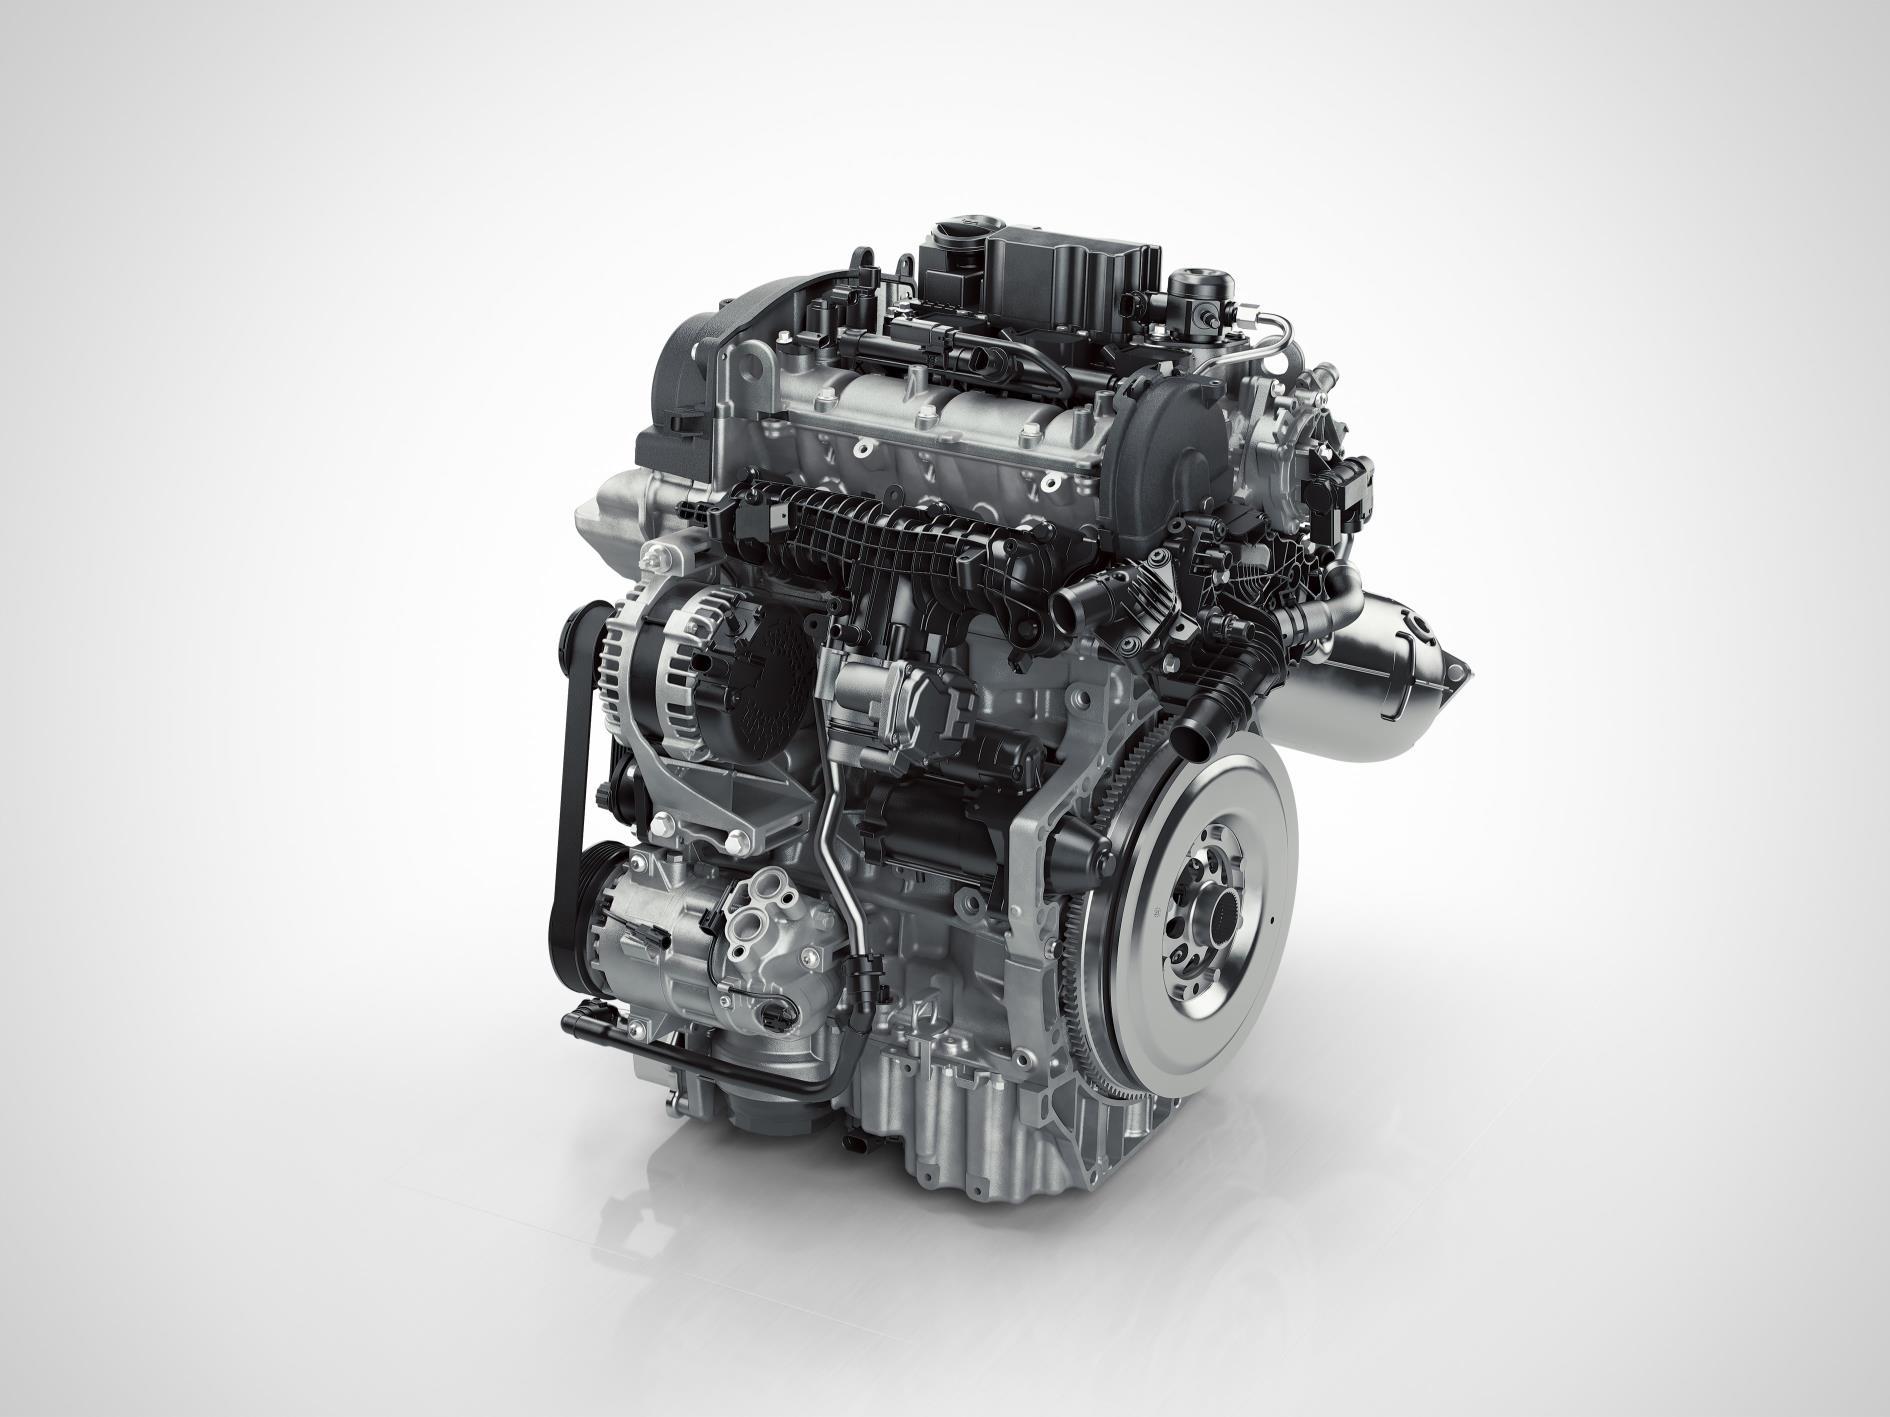 Nuevo motor de 3 cilindros para el Volvo XC40